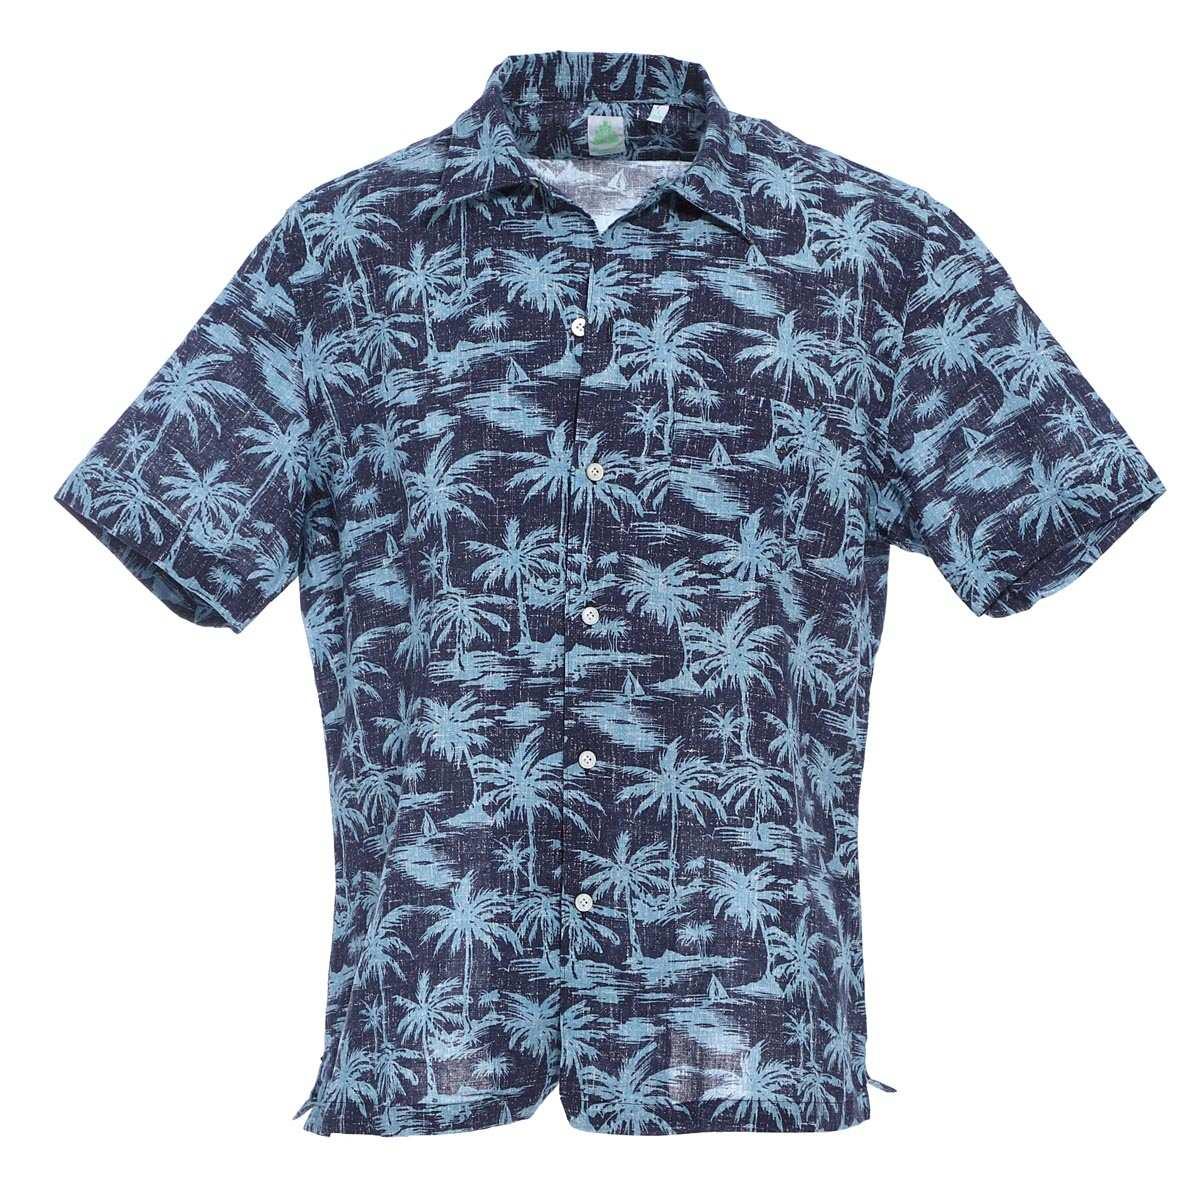 フィナモレ FINAMORE オープンカラーシャツ ブルー メンズ bart 940306 p2109 06 BART バルト【あす楽対応_関東】【返品送料無料】【ラッピング無料】